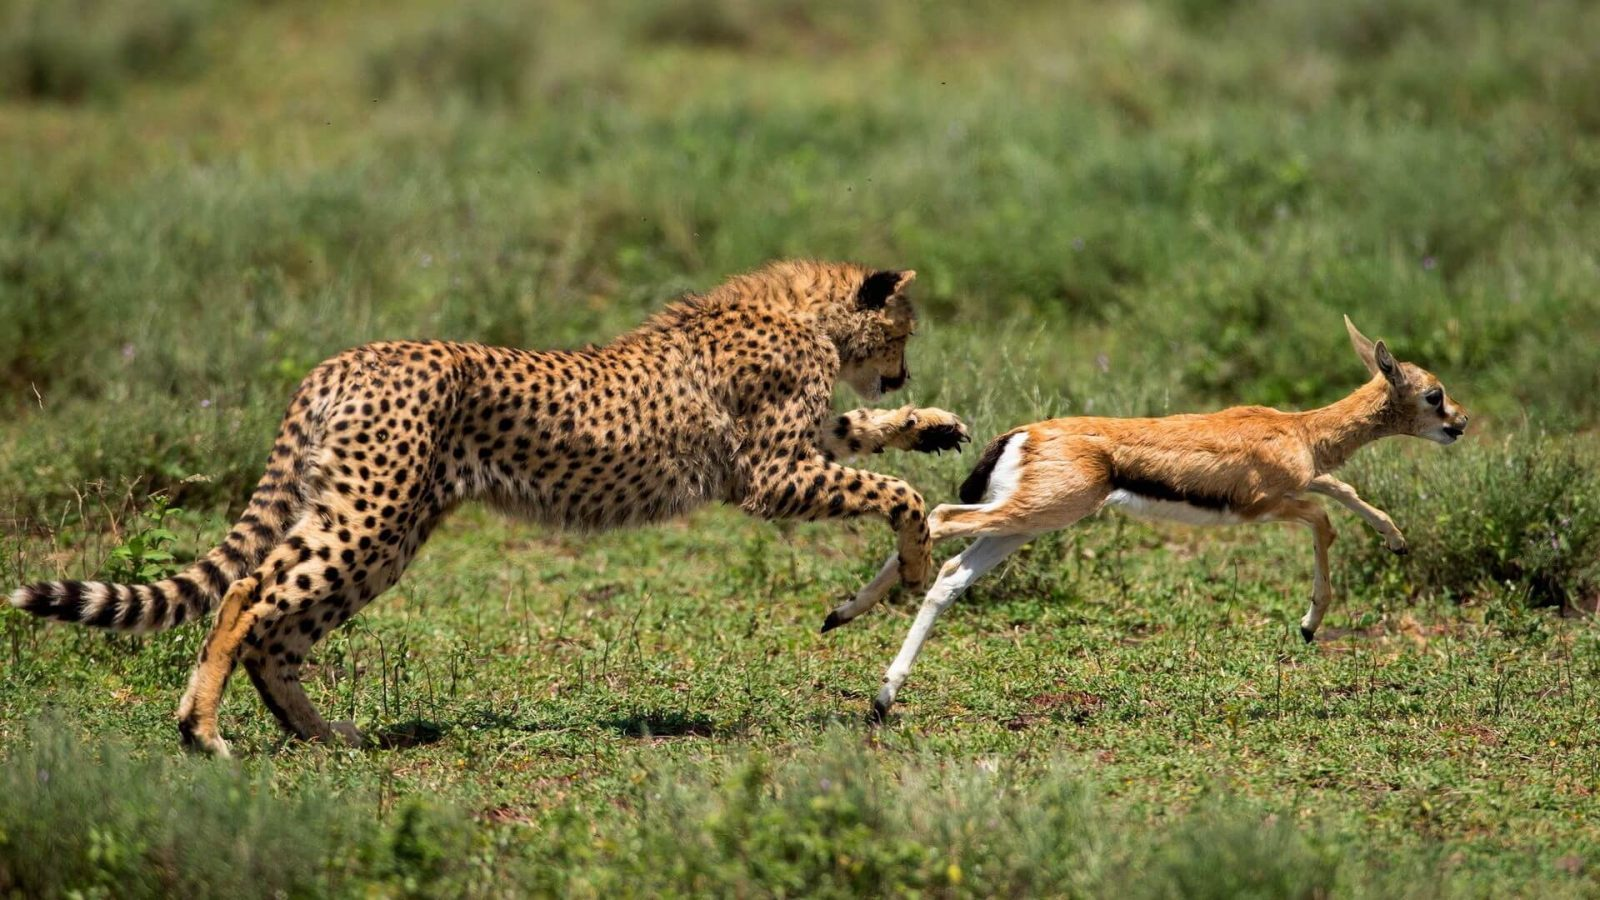 Jaguar Animal Wallpaper معلومات عن الحيوانات المفترسة عالم الحيوانات